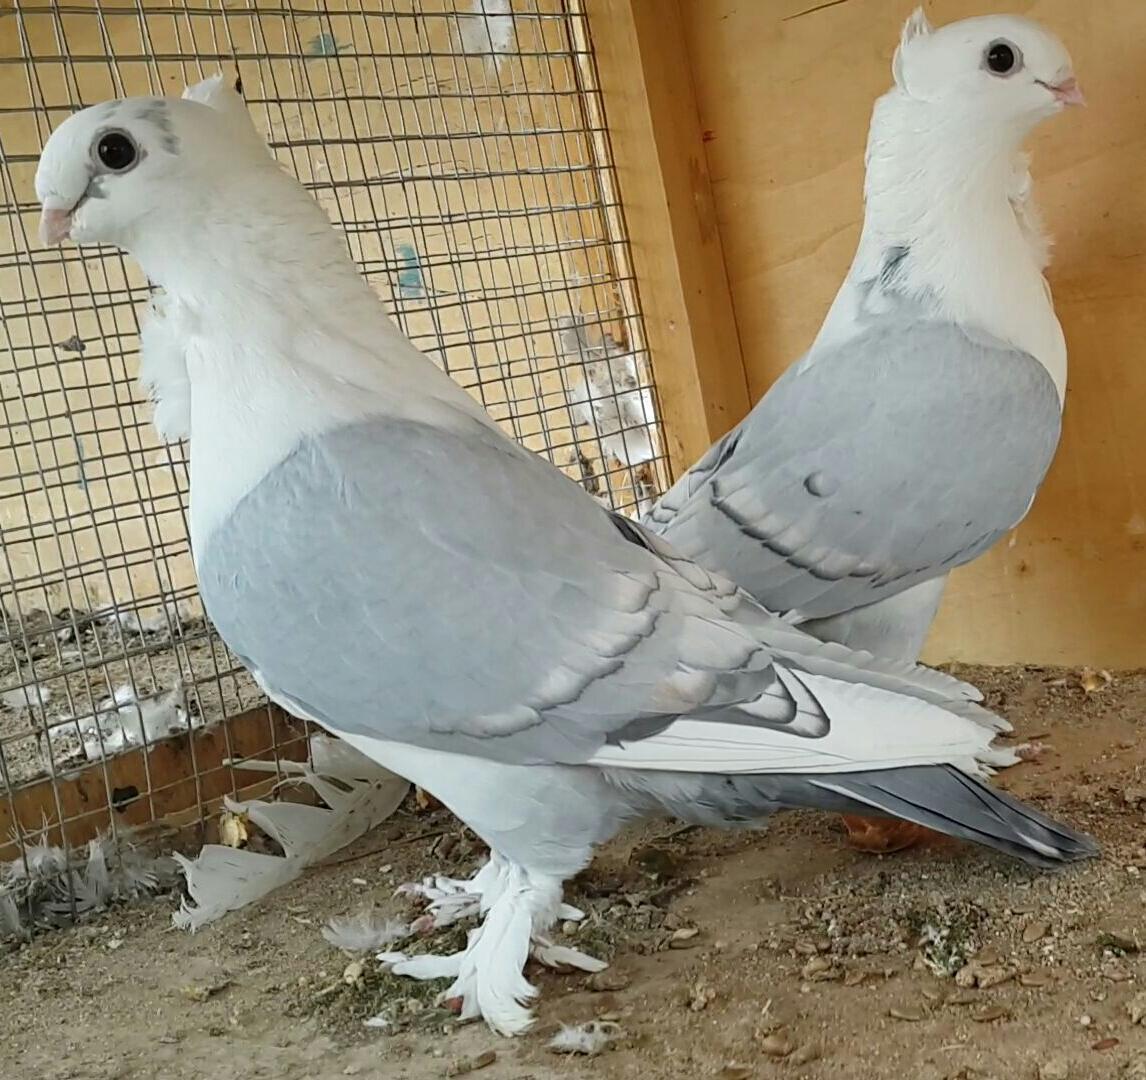 صور حمام طيور جميلة اجمل خلفيات طيور جارحة طيور جميلة 3